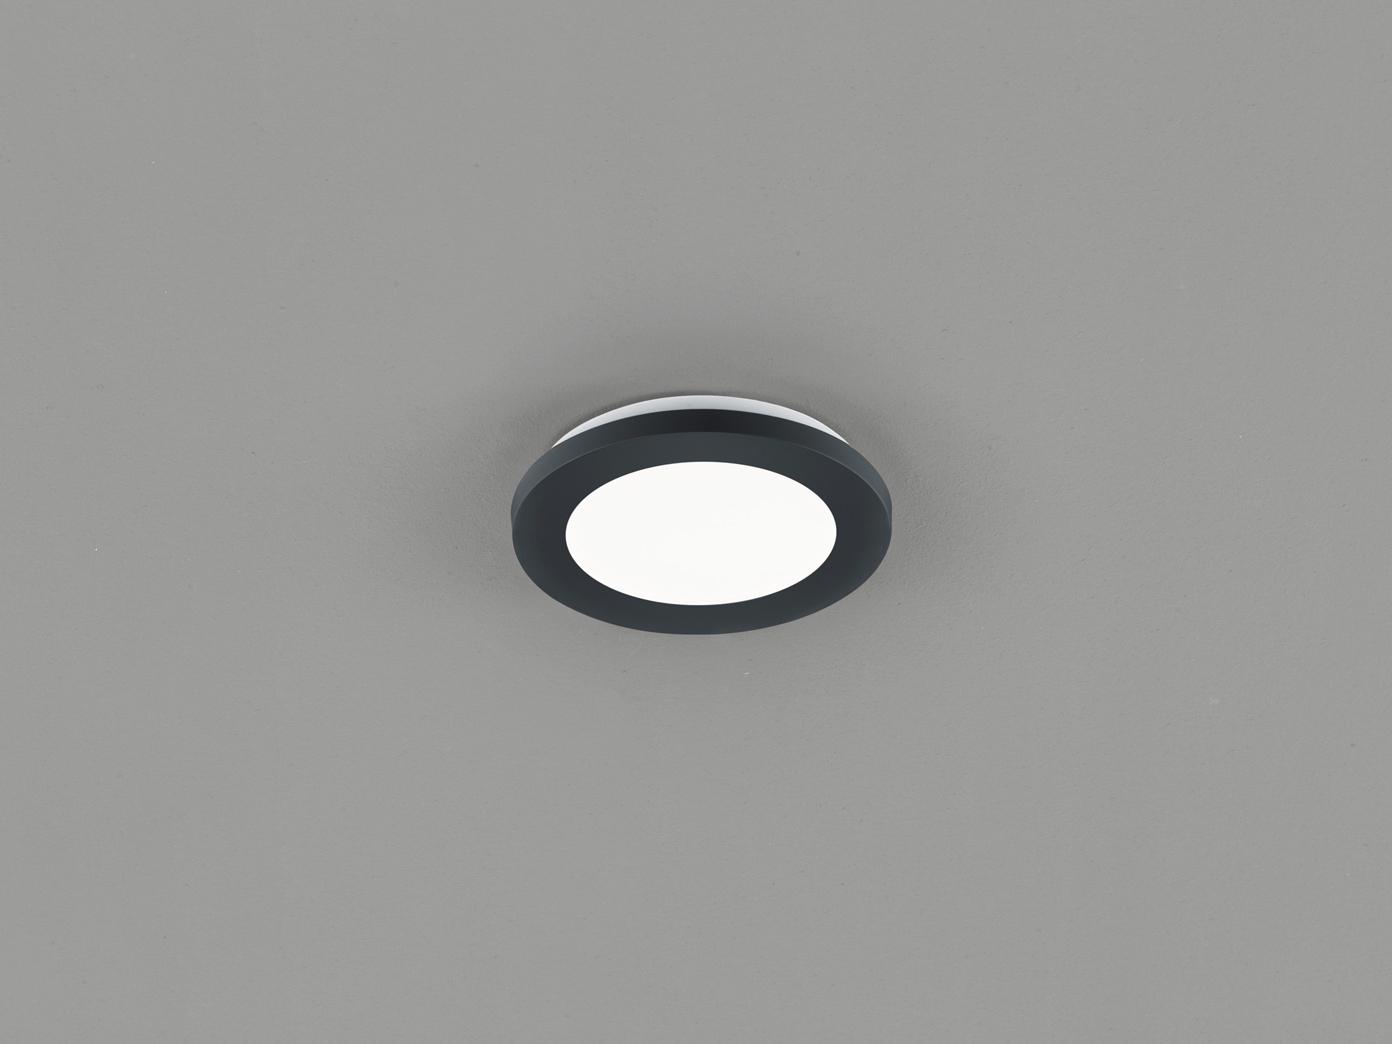 Kleine LED Deckenleuchte CAMILLUS flache Badezimmerlampe Rund Ø20cm schwarz  IP20